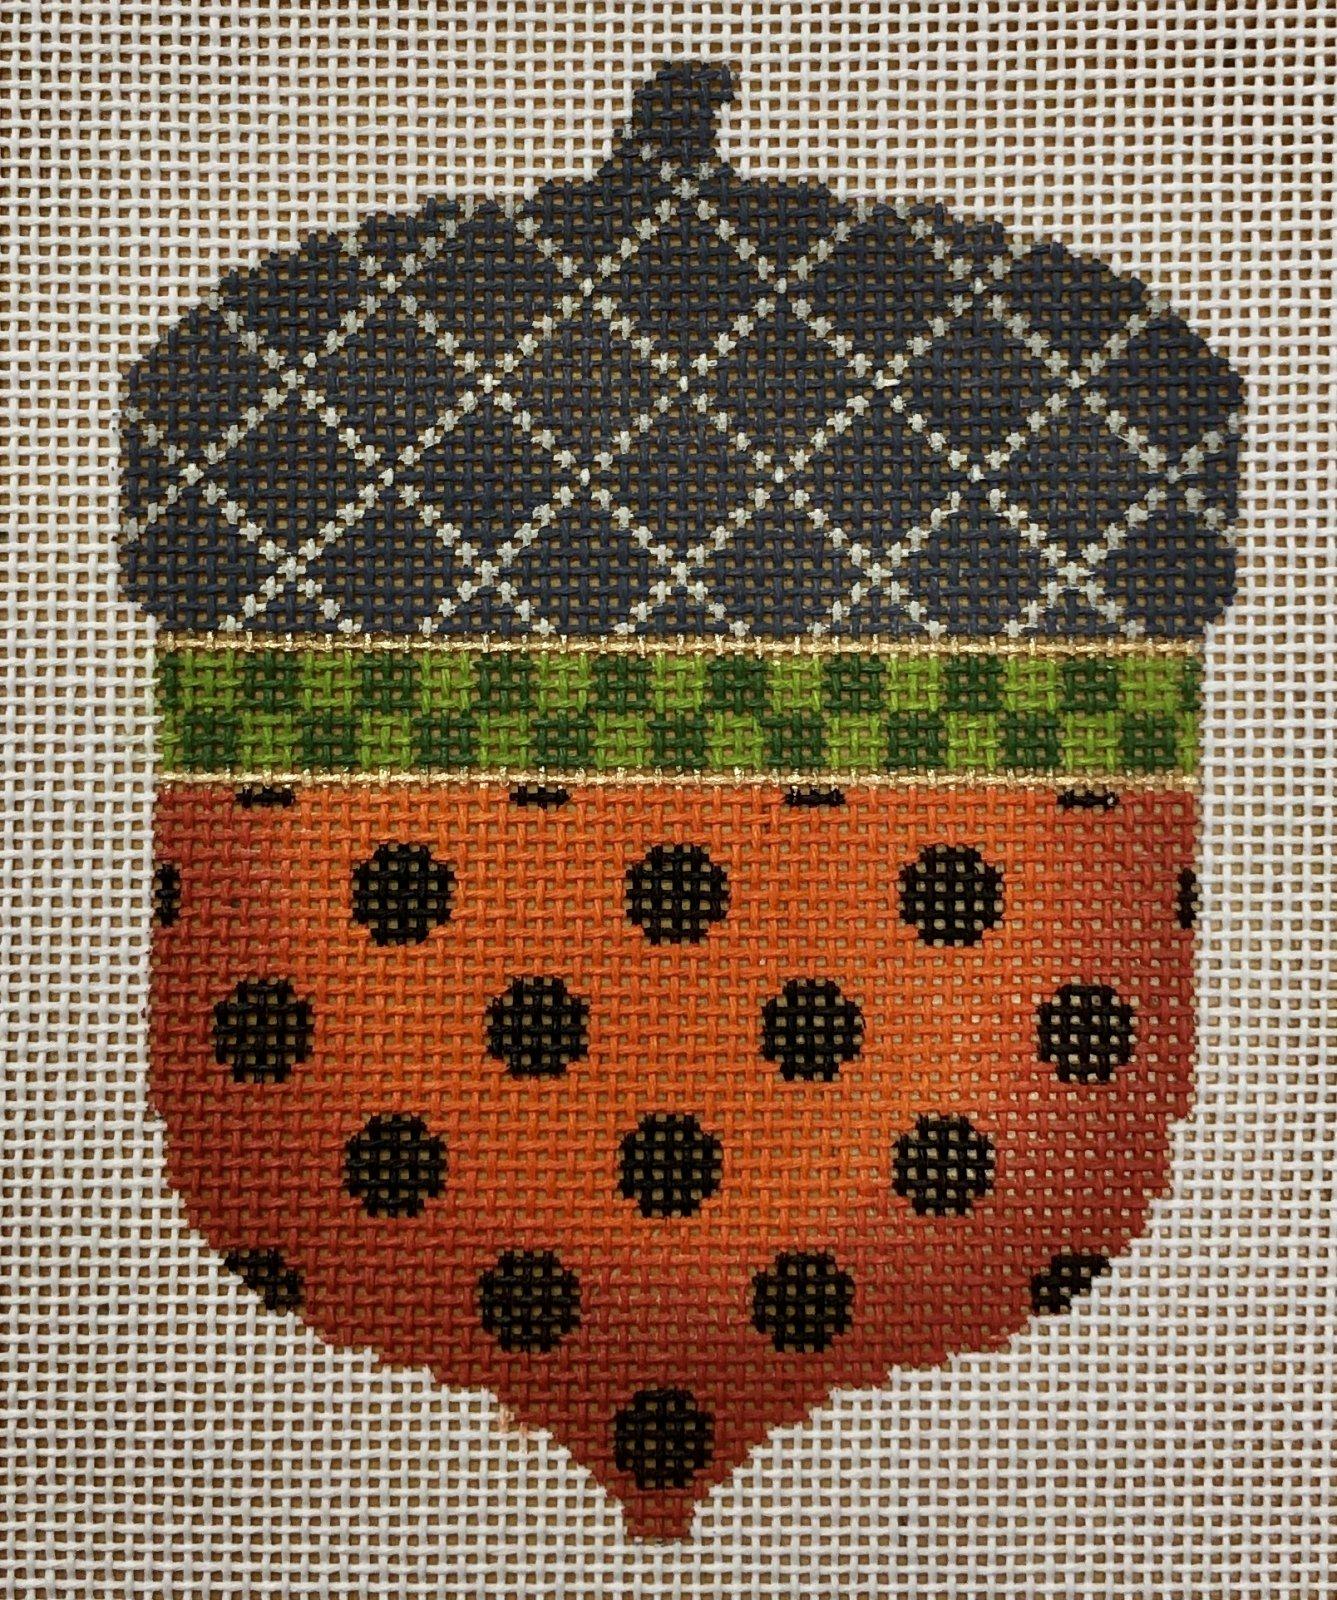 acorn, 1504